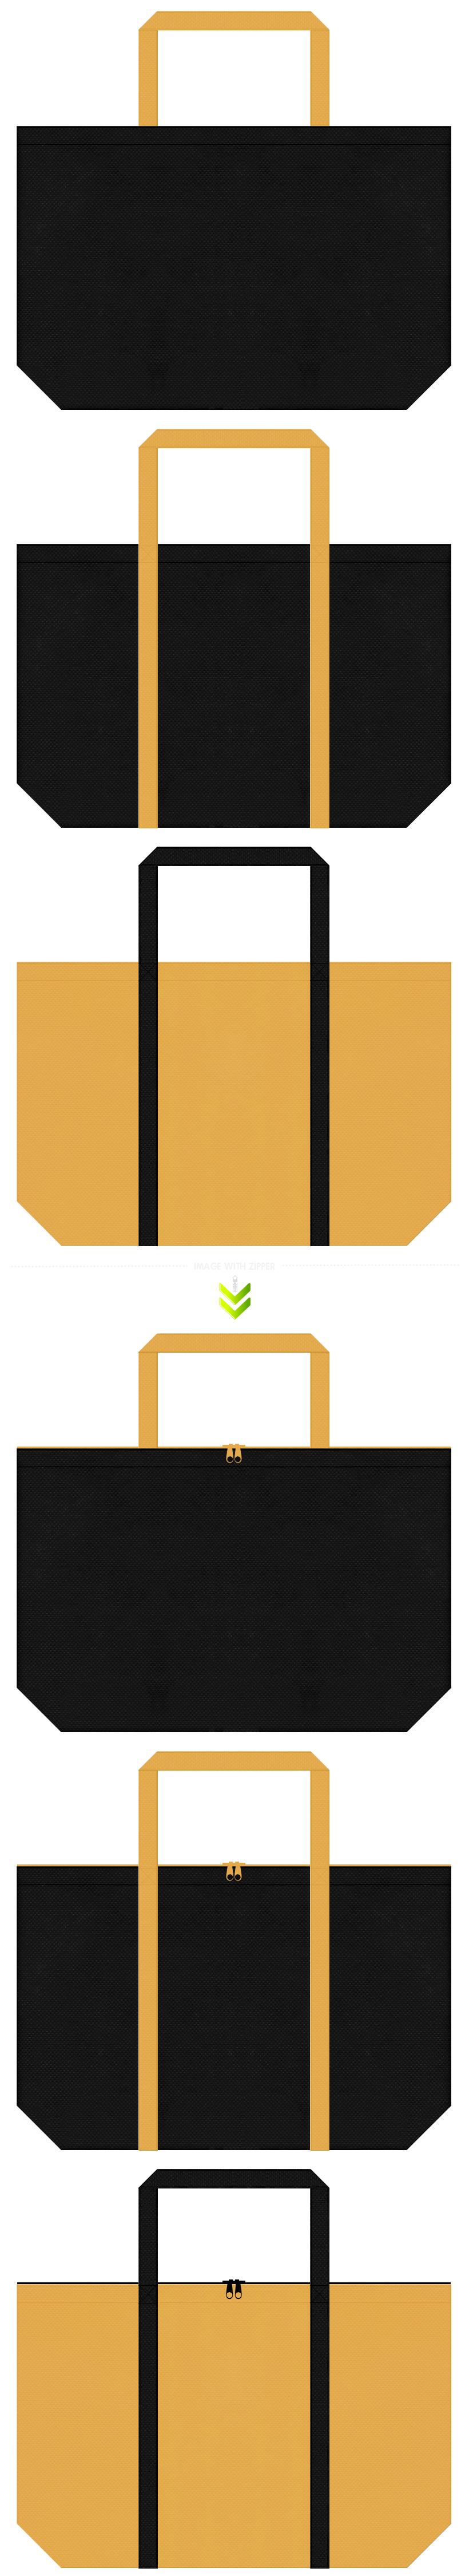 黒色と黄土色の不織布エコバッグのデザイン。